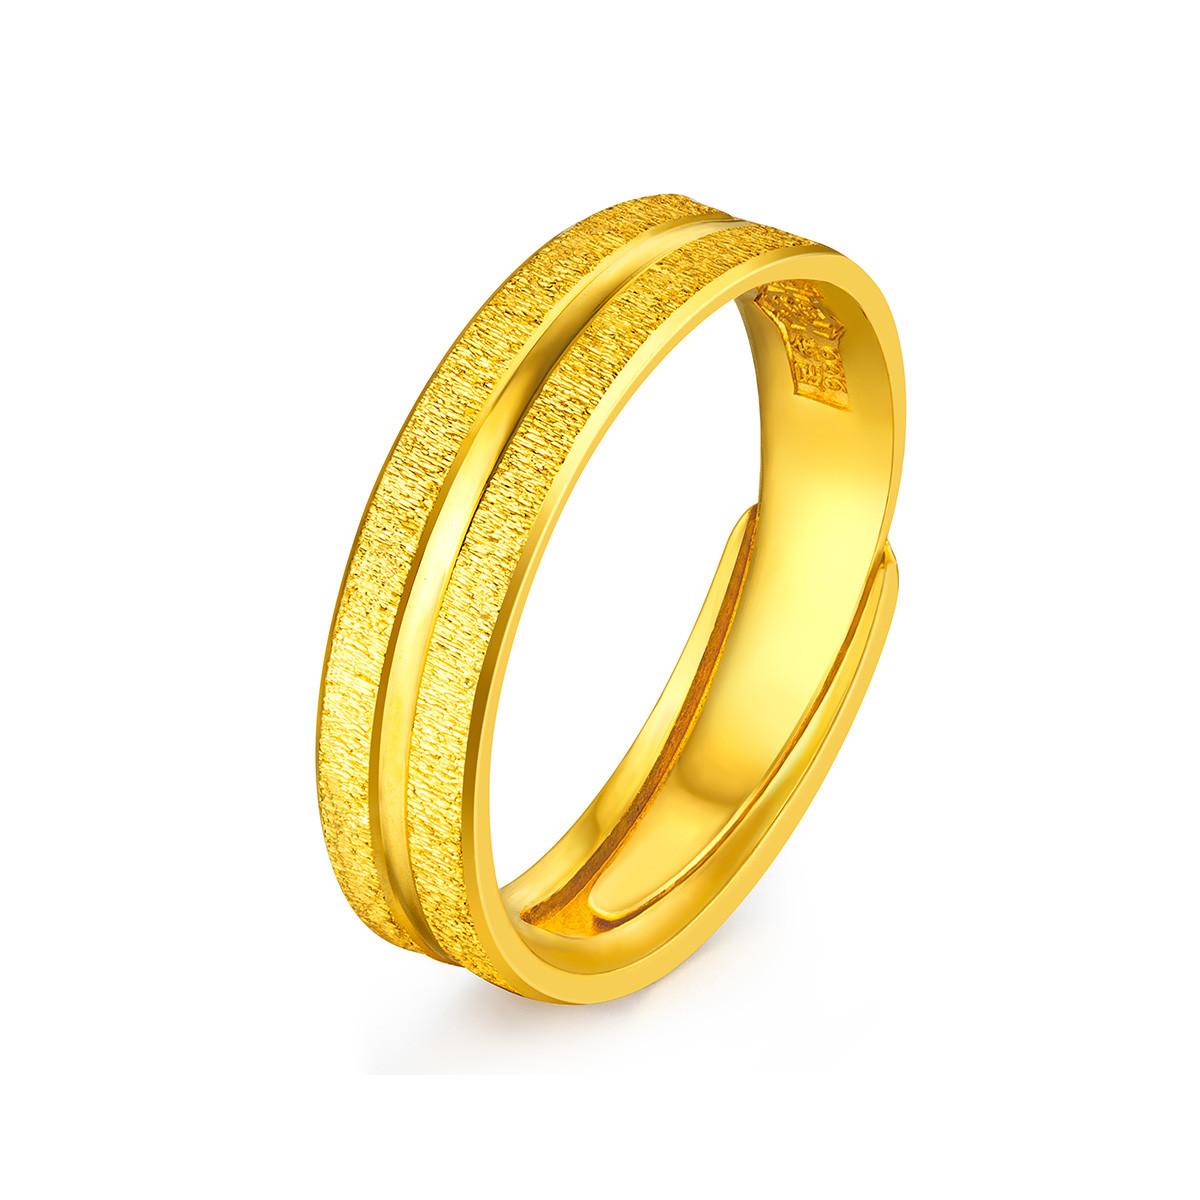 六福珠宝六福珠宝爱情轨迹黄金戒指男情侣结婚对戒足金计价F63TBGR0007